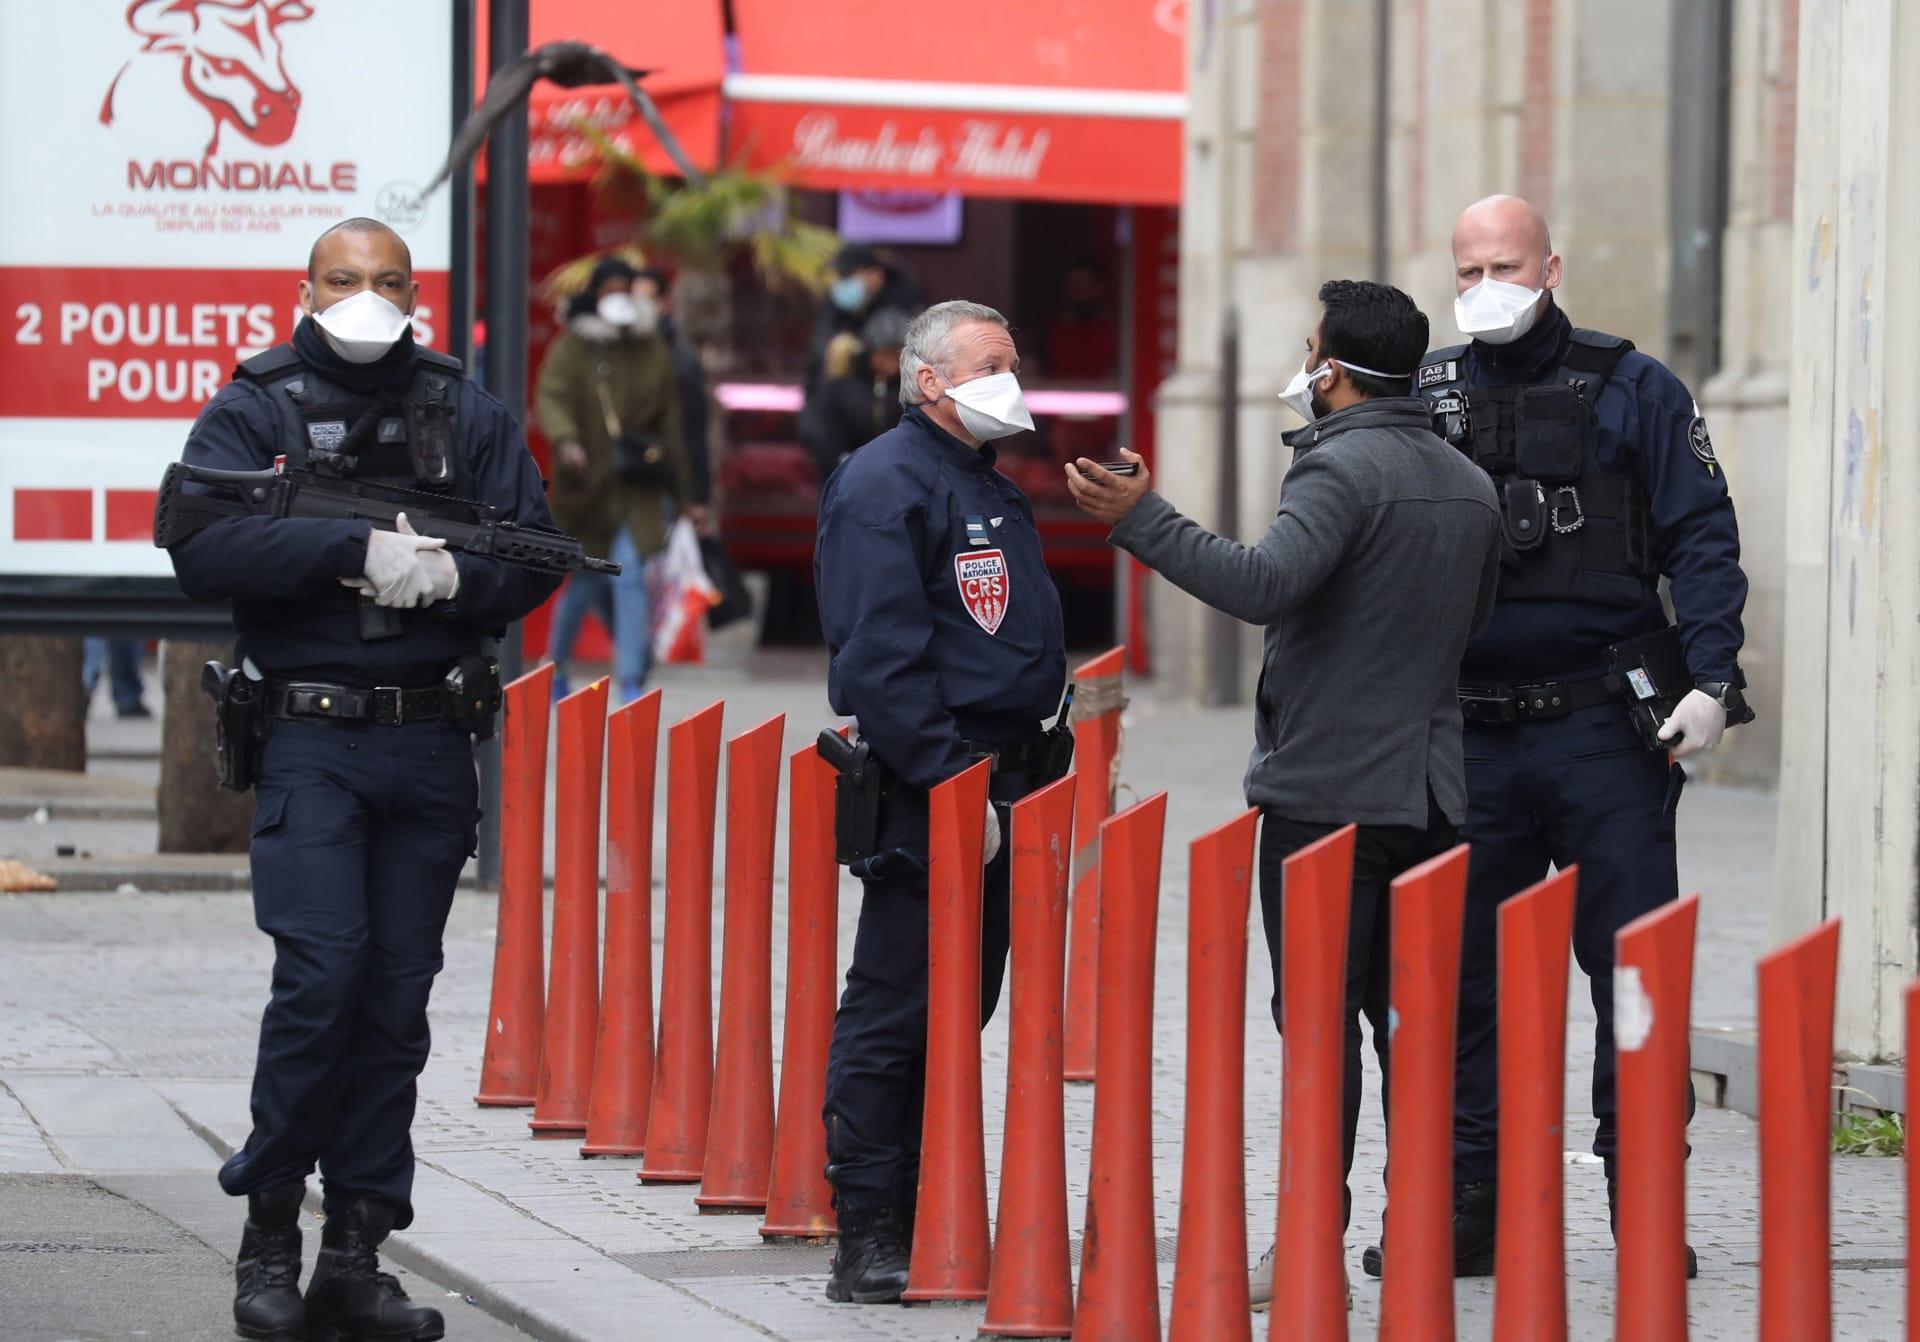 صورة ارشيفية لعناصر بالأمن الفرنسي (صورة تعبيرية ليست من موقع الهجوم)